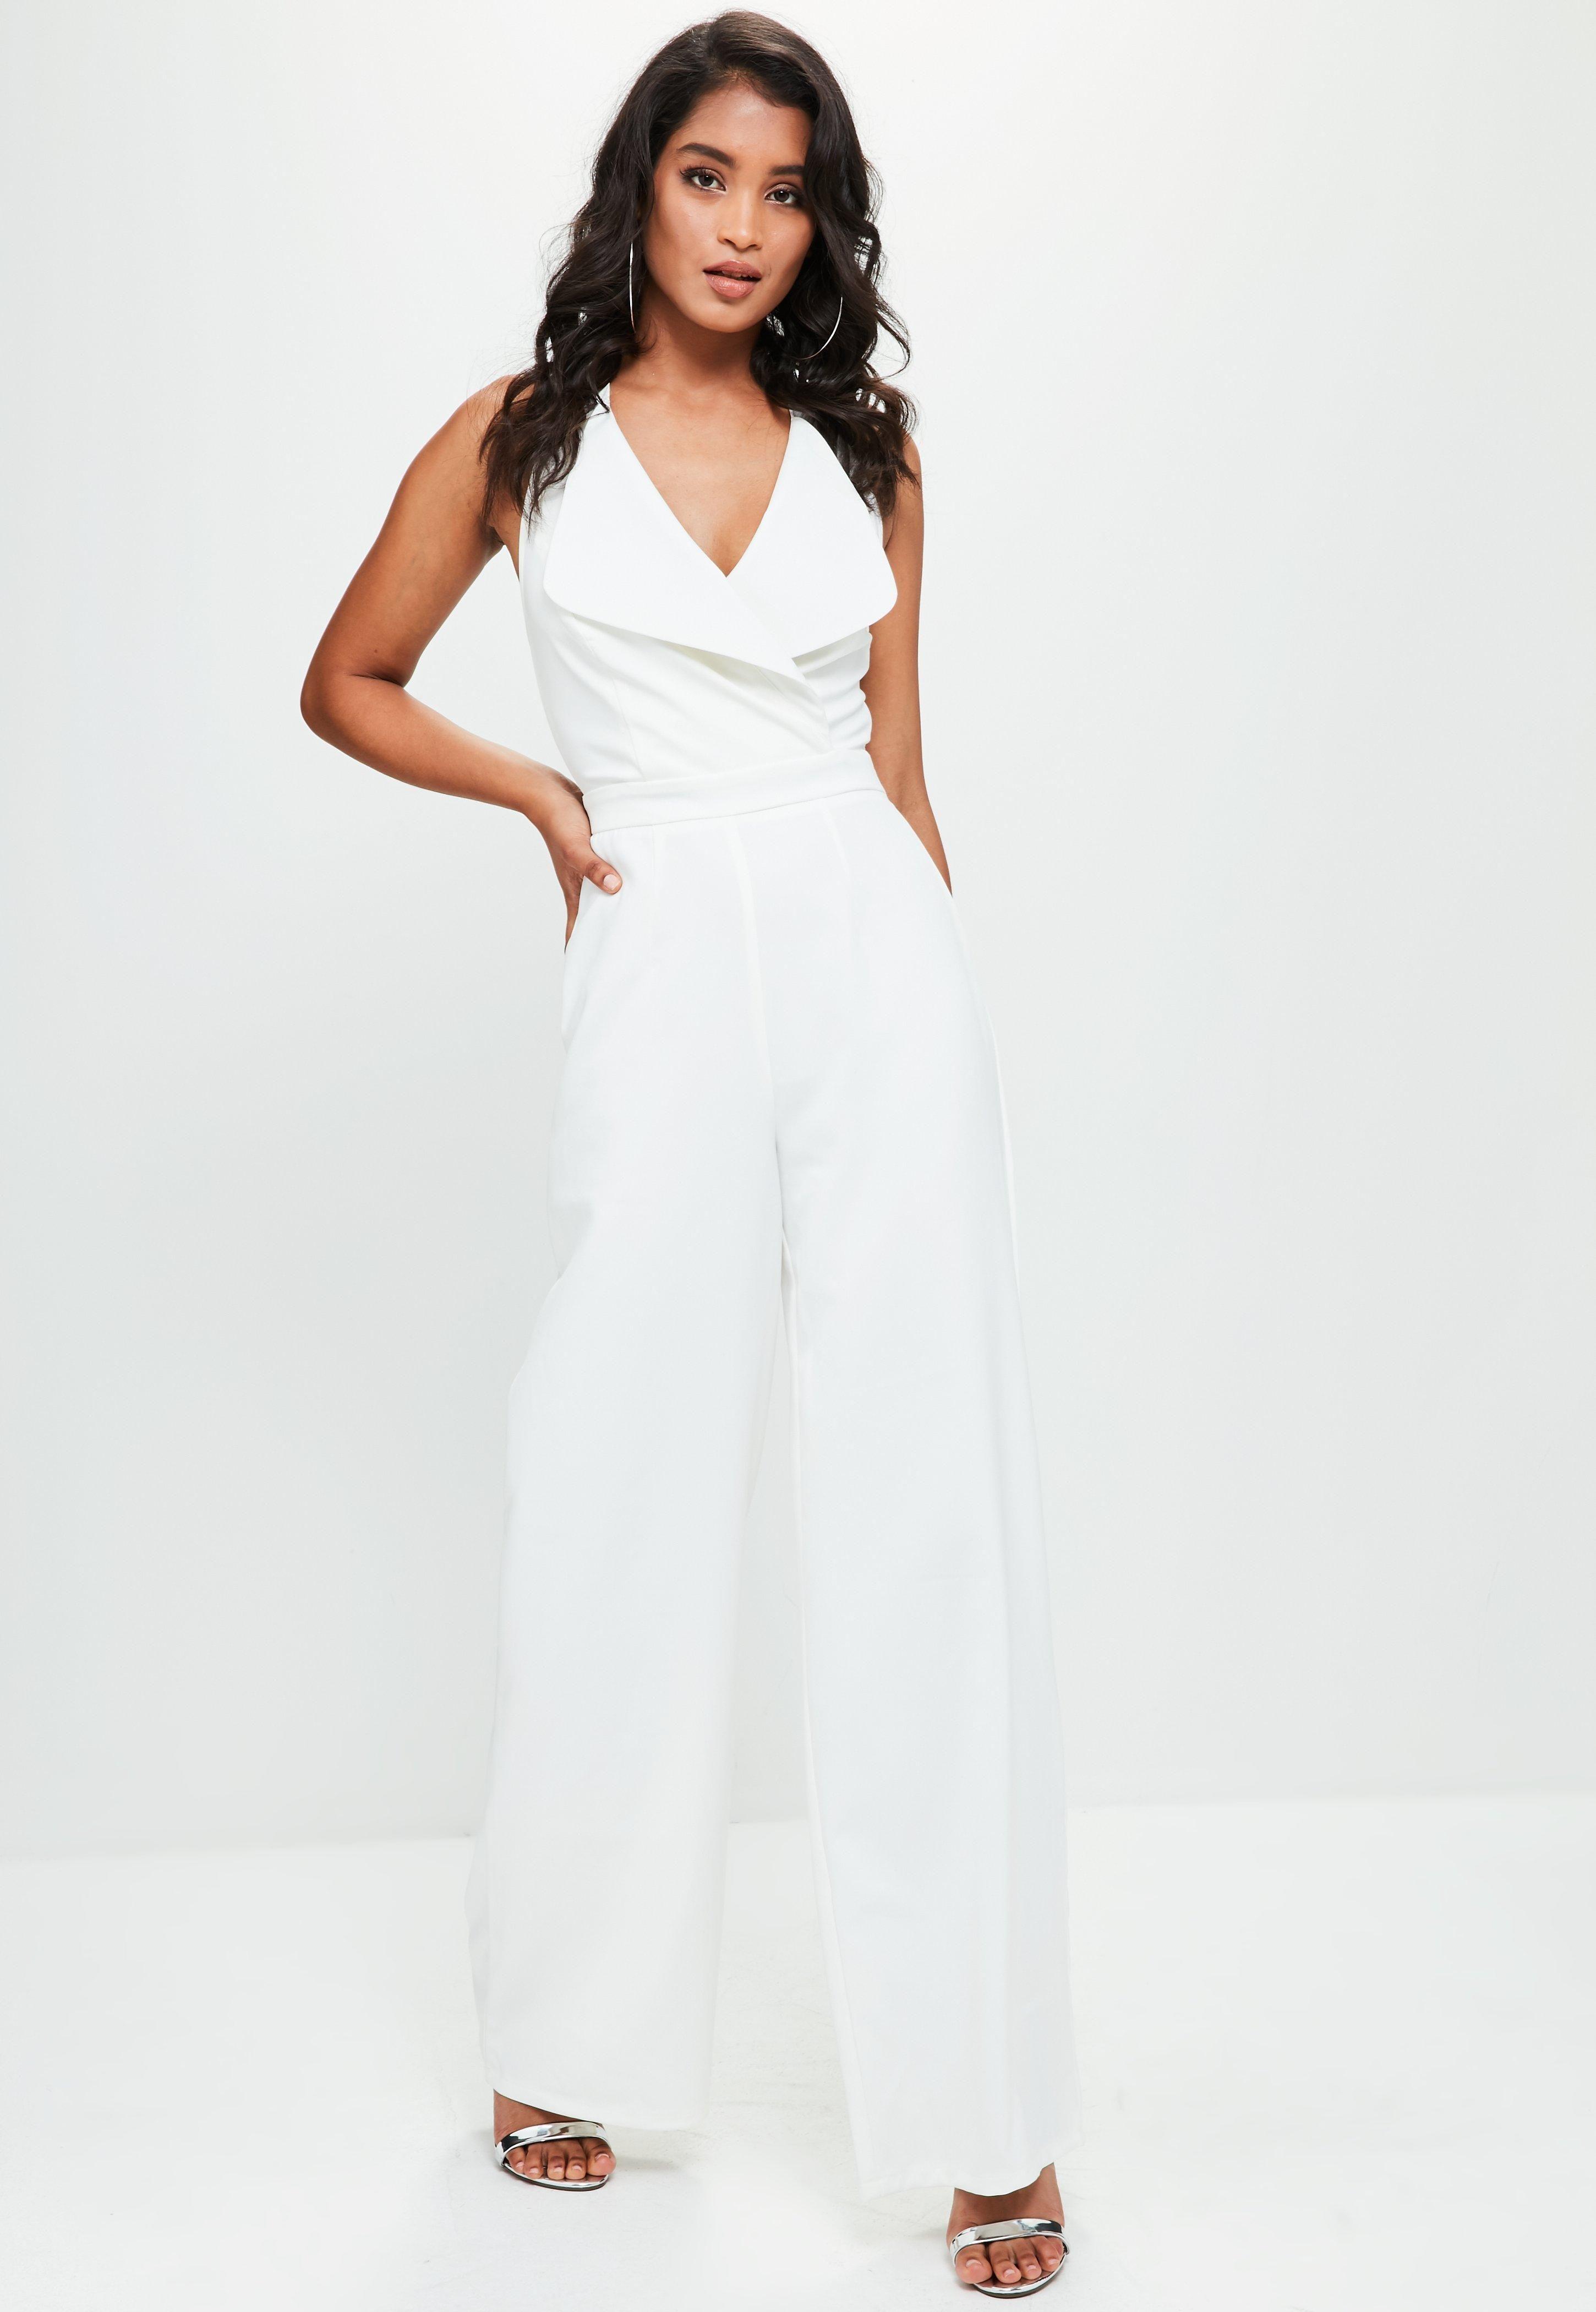 907e4bf0d51 White Bandeau Wide Leg Jumpsuit - This tailored jumpsuit features a large  lapel